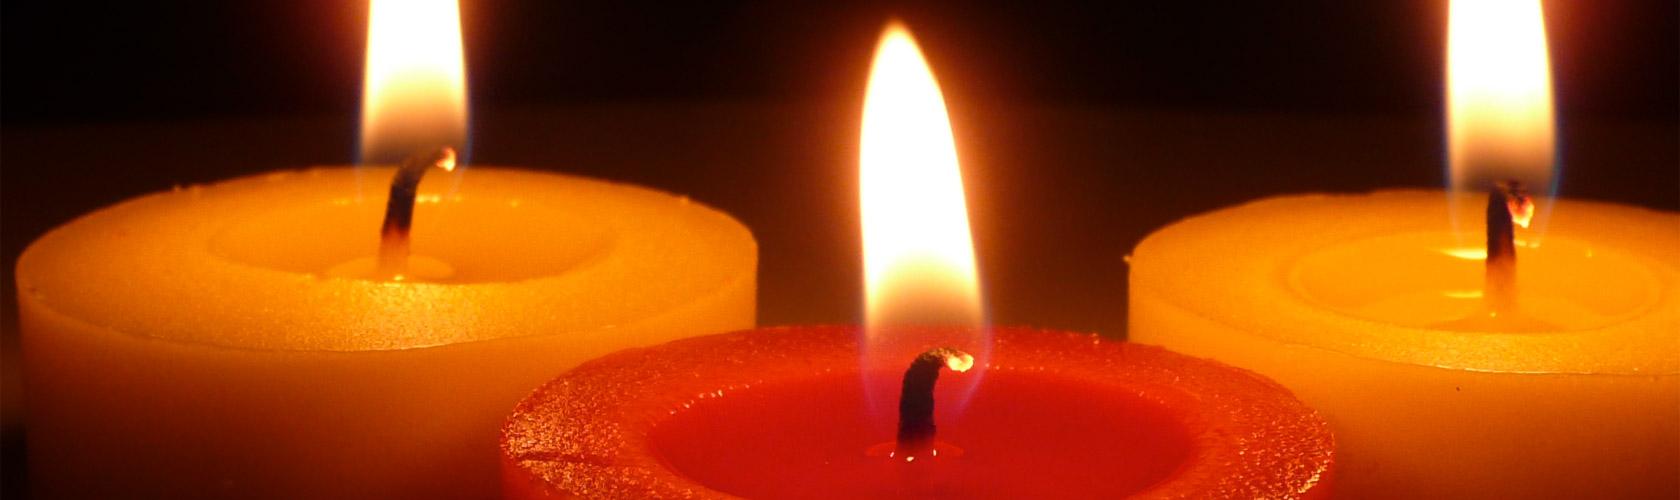 15 Ottobre: Giornata Internazionale della sensibilizzazione sulla morte in utero